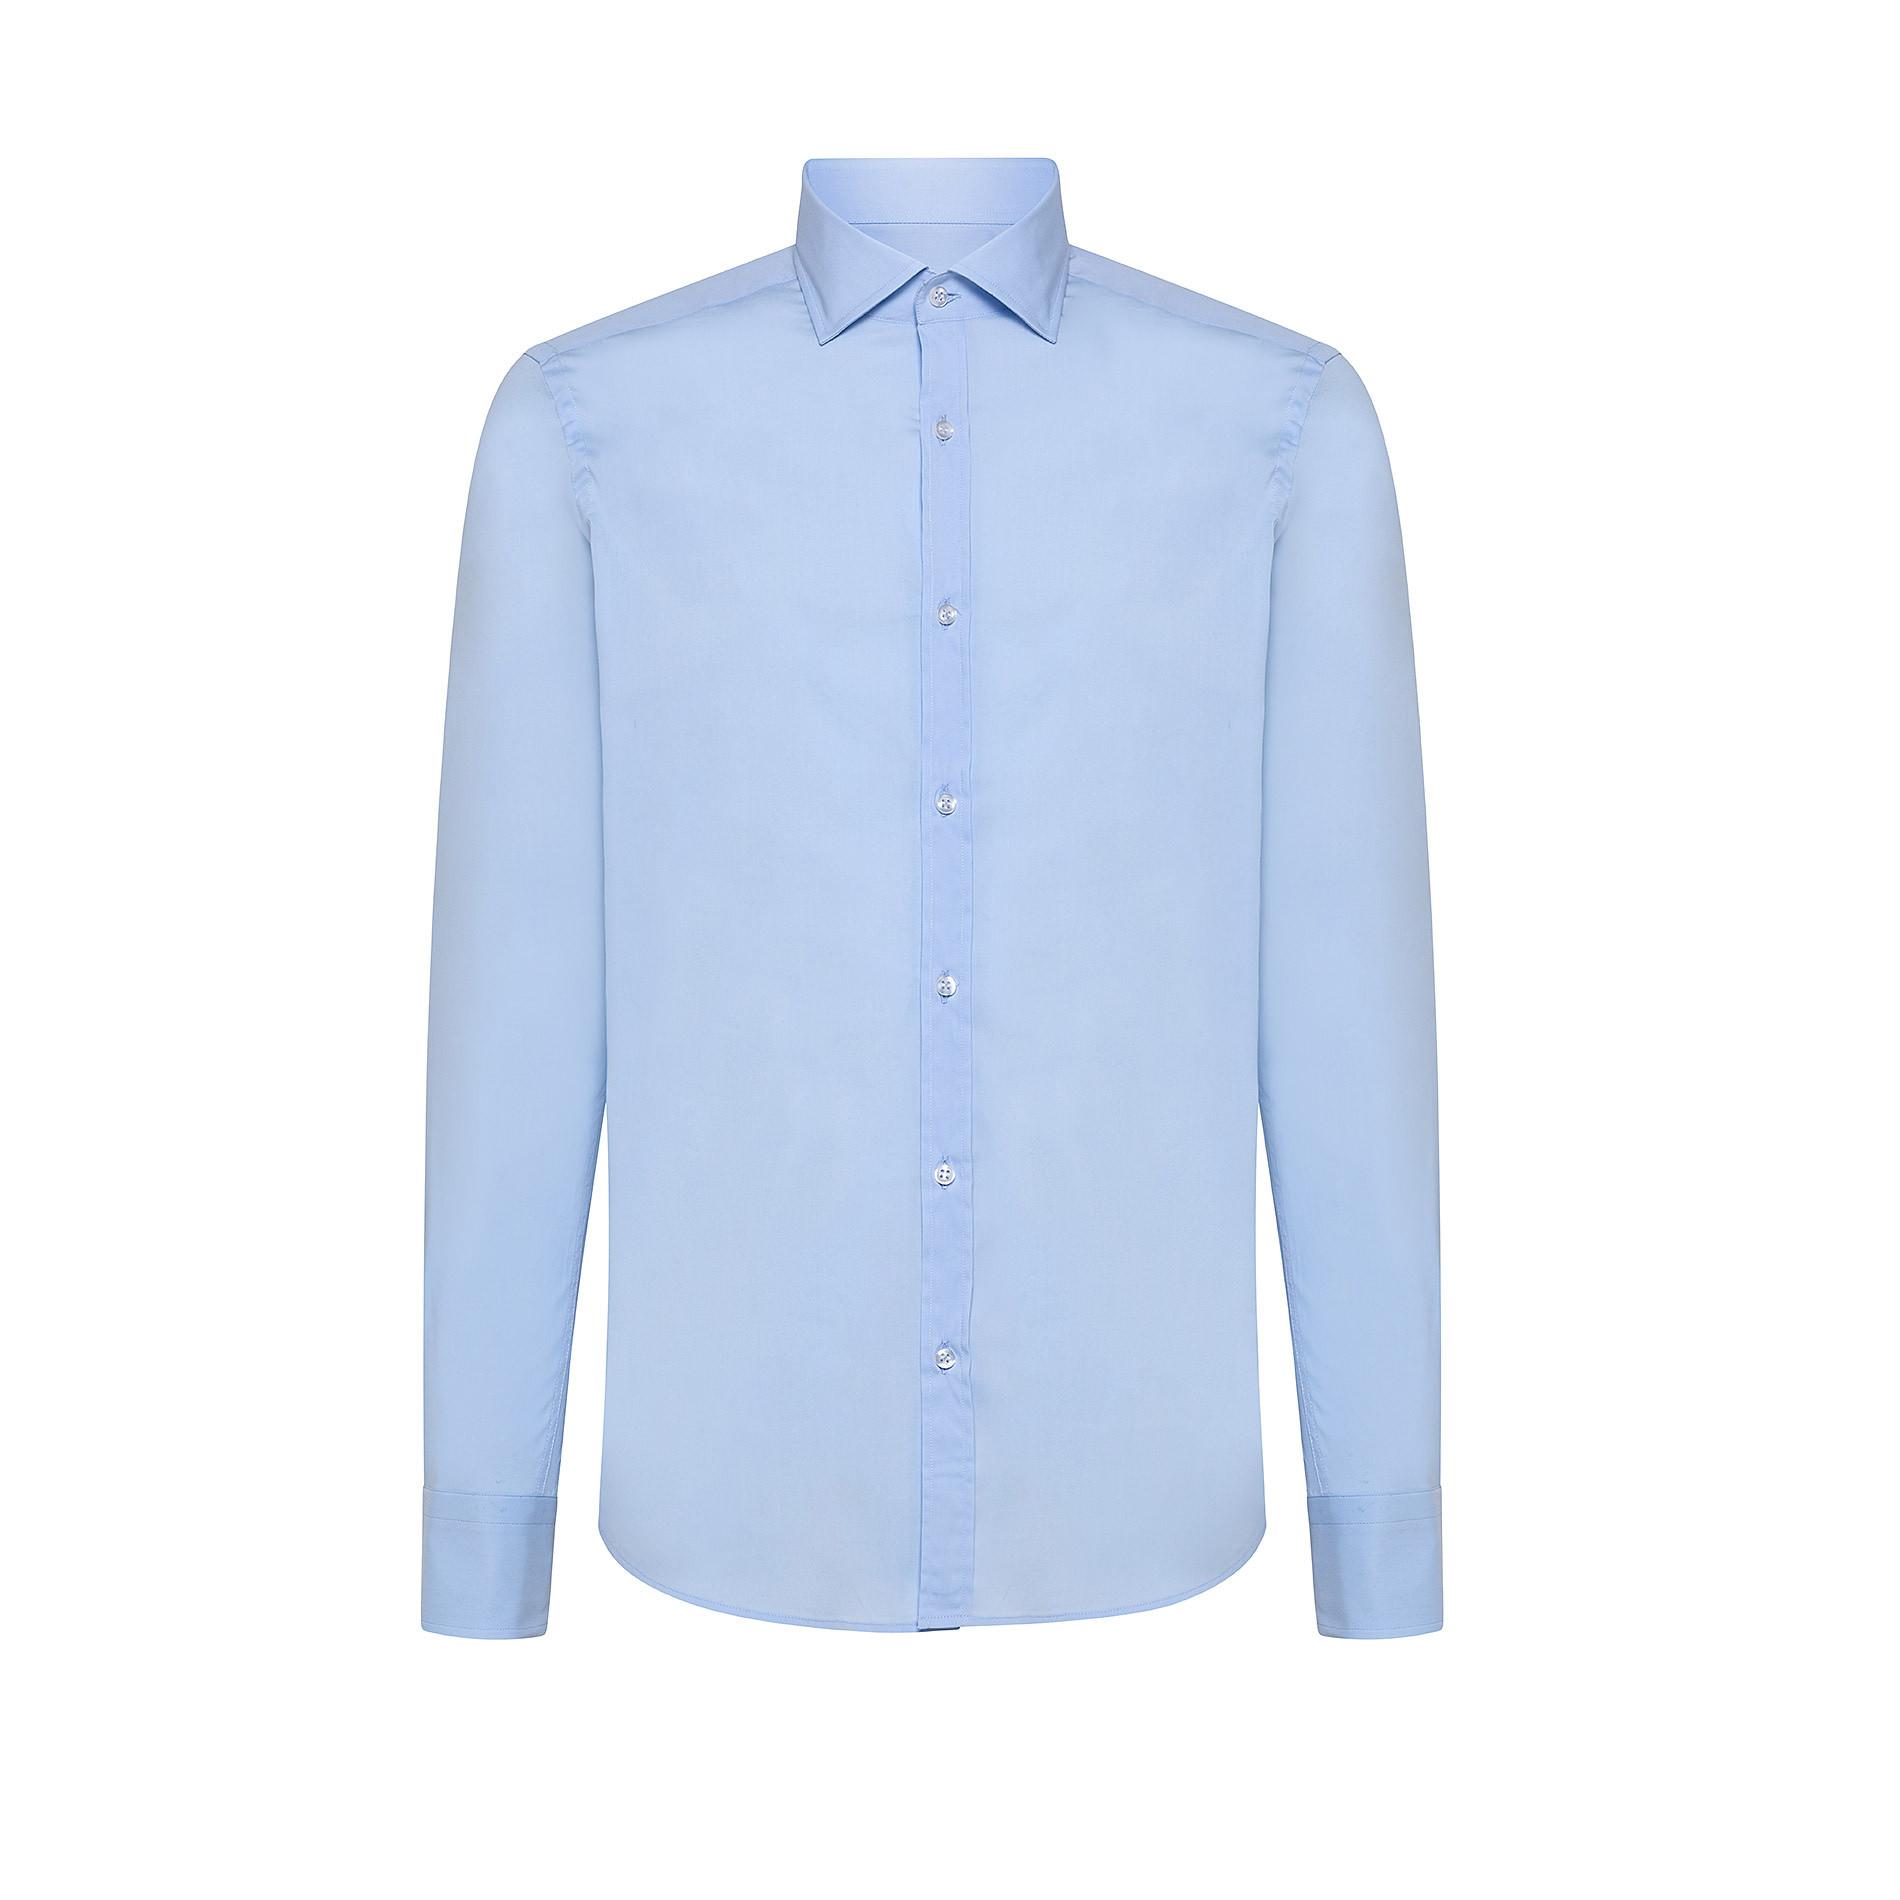 Camicia button-down popeline di cotone, Azzurro, large image number 0